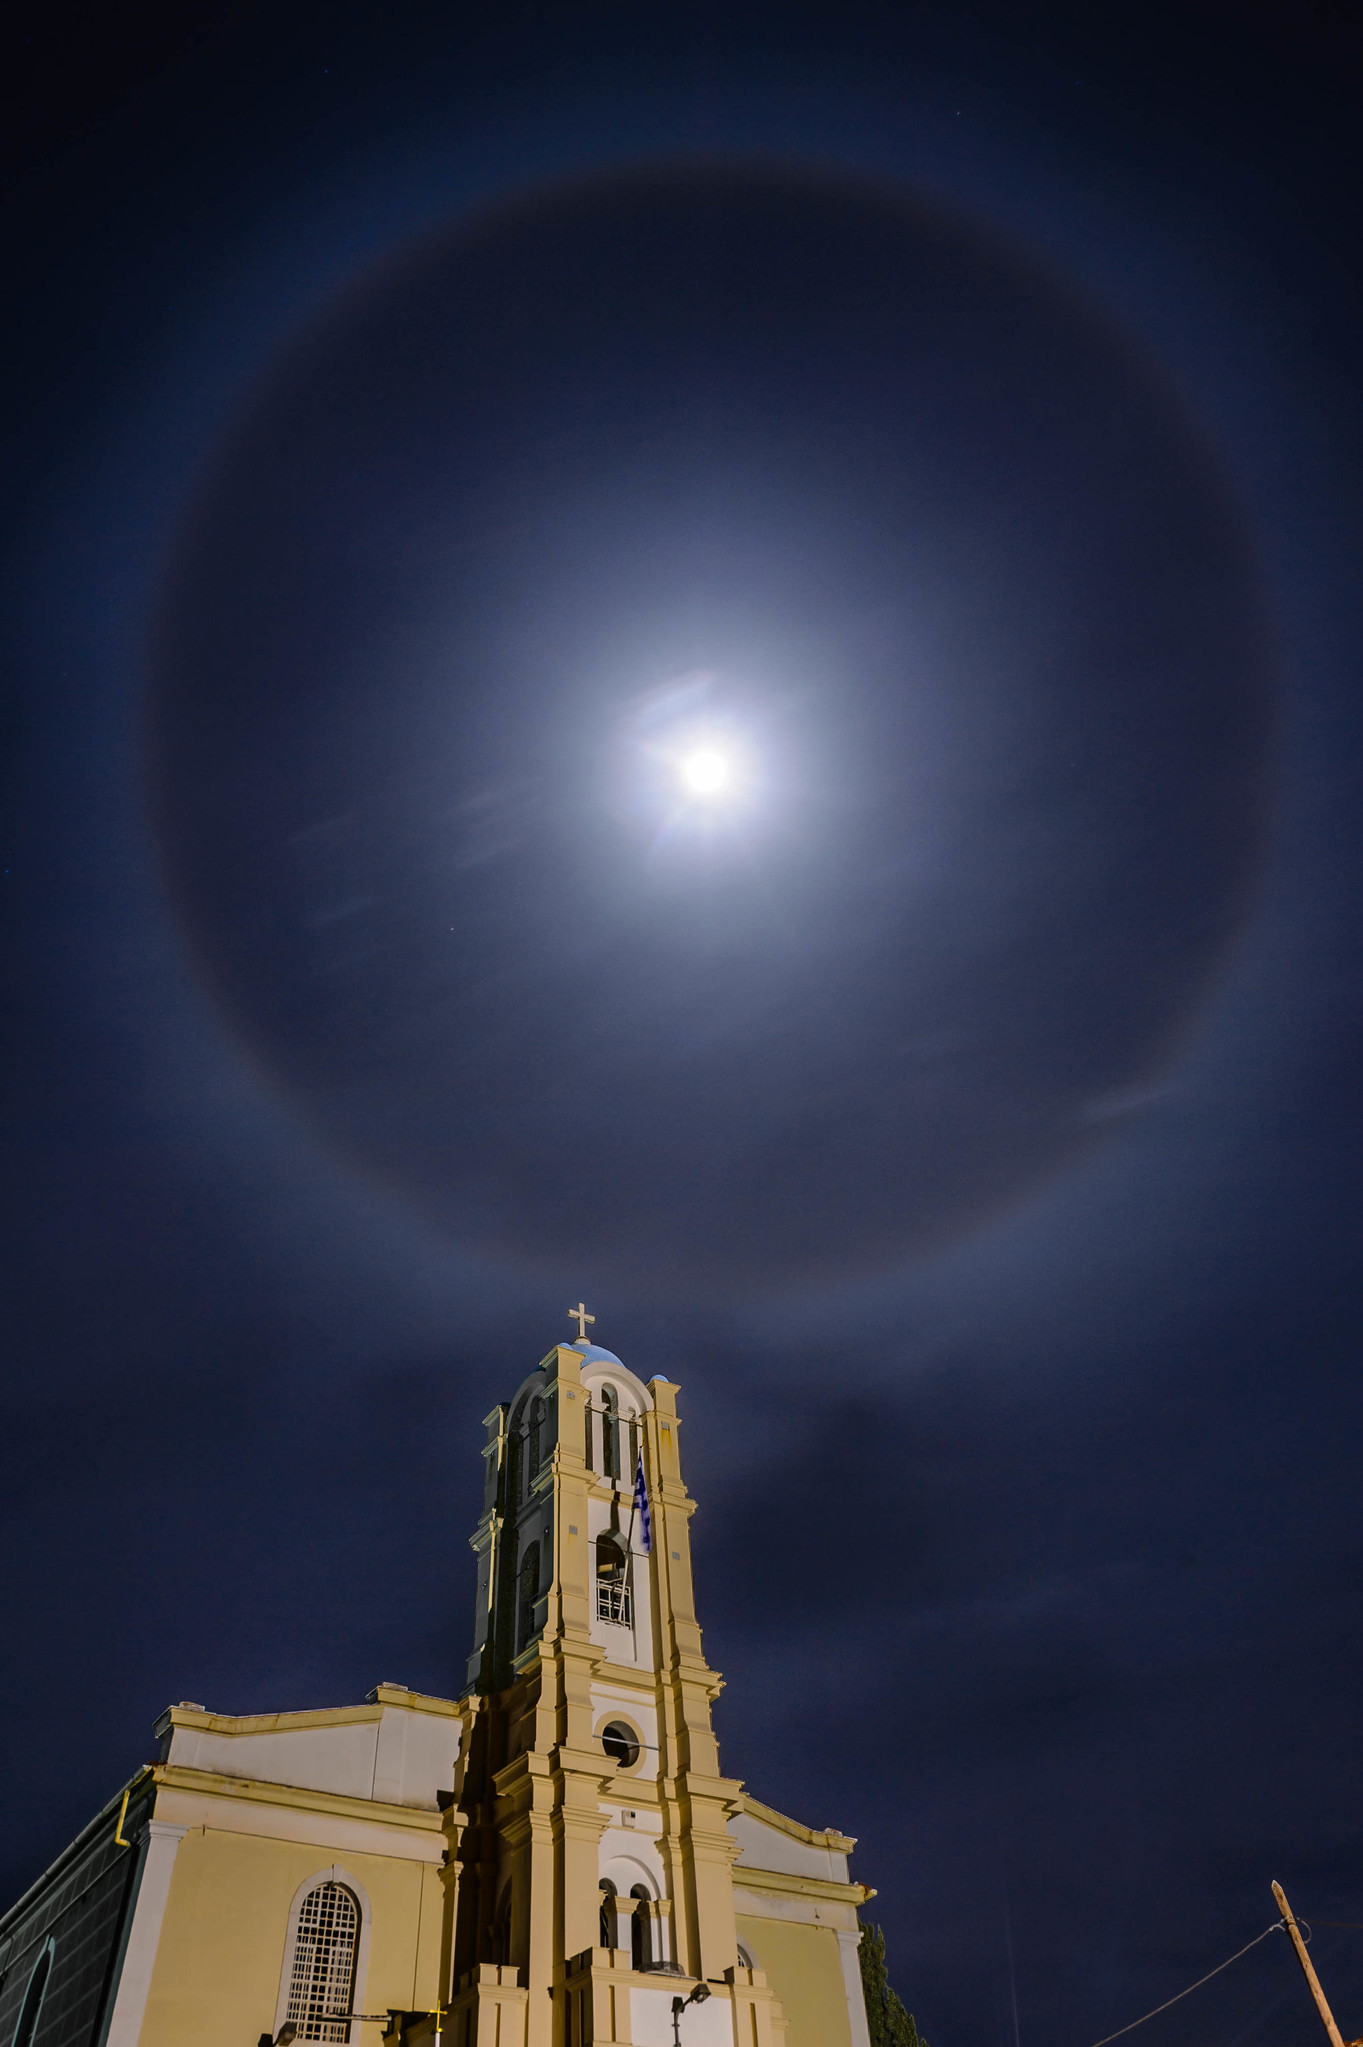 Η σεληνιακή άλως 22°. Credit: Spiros Vathis.